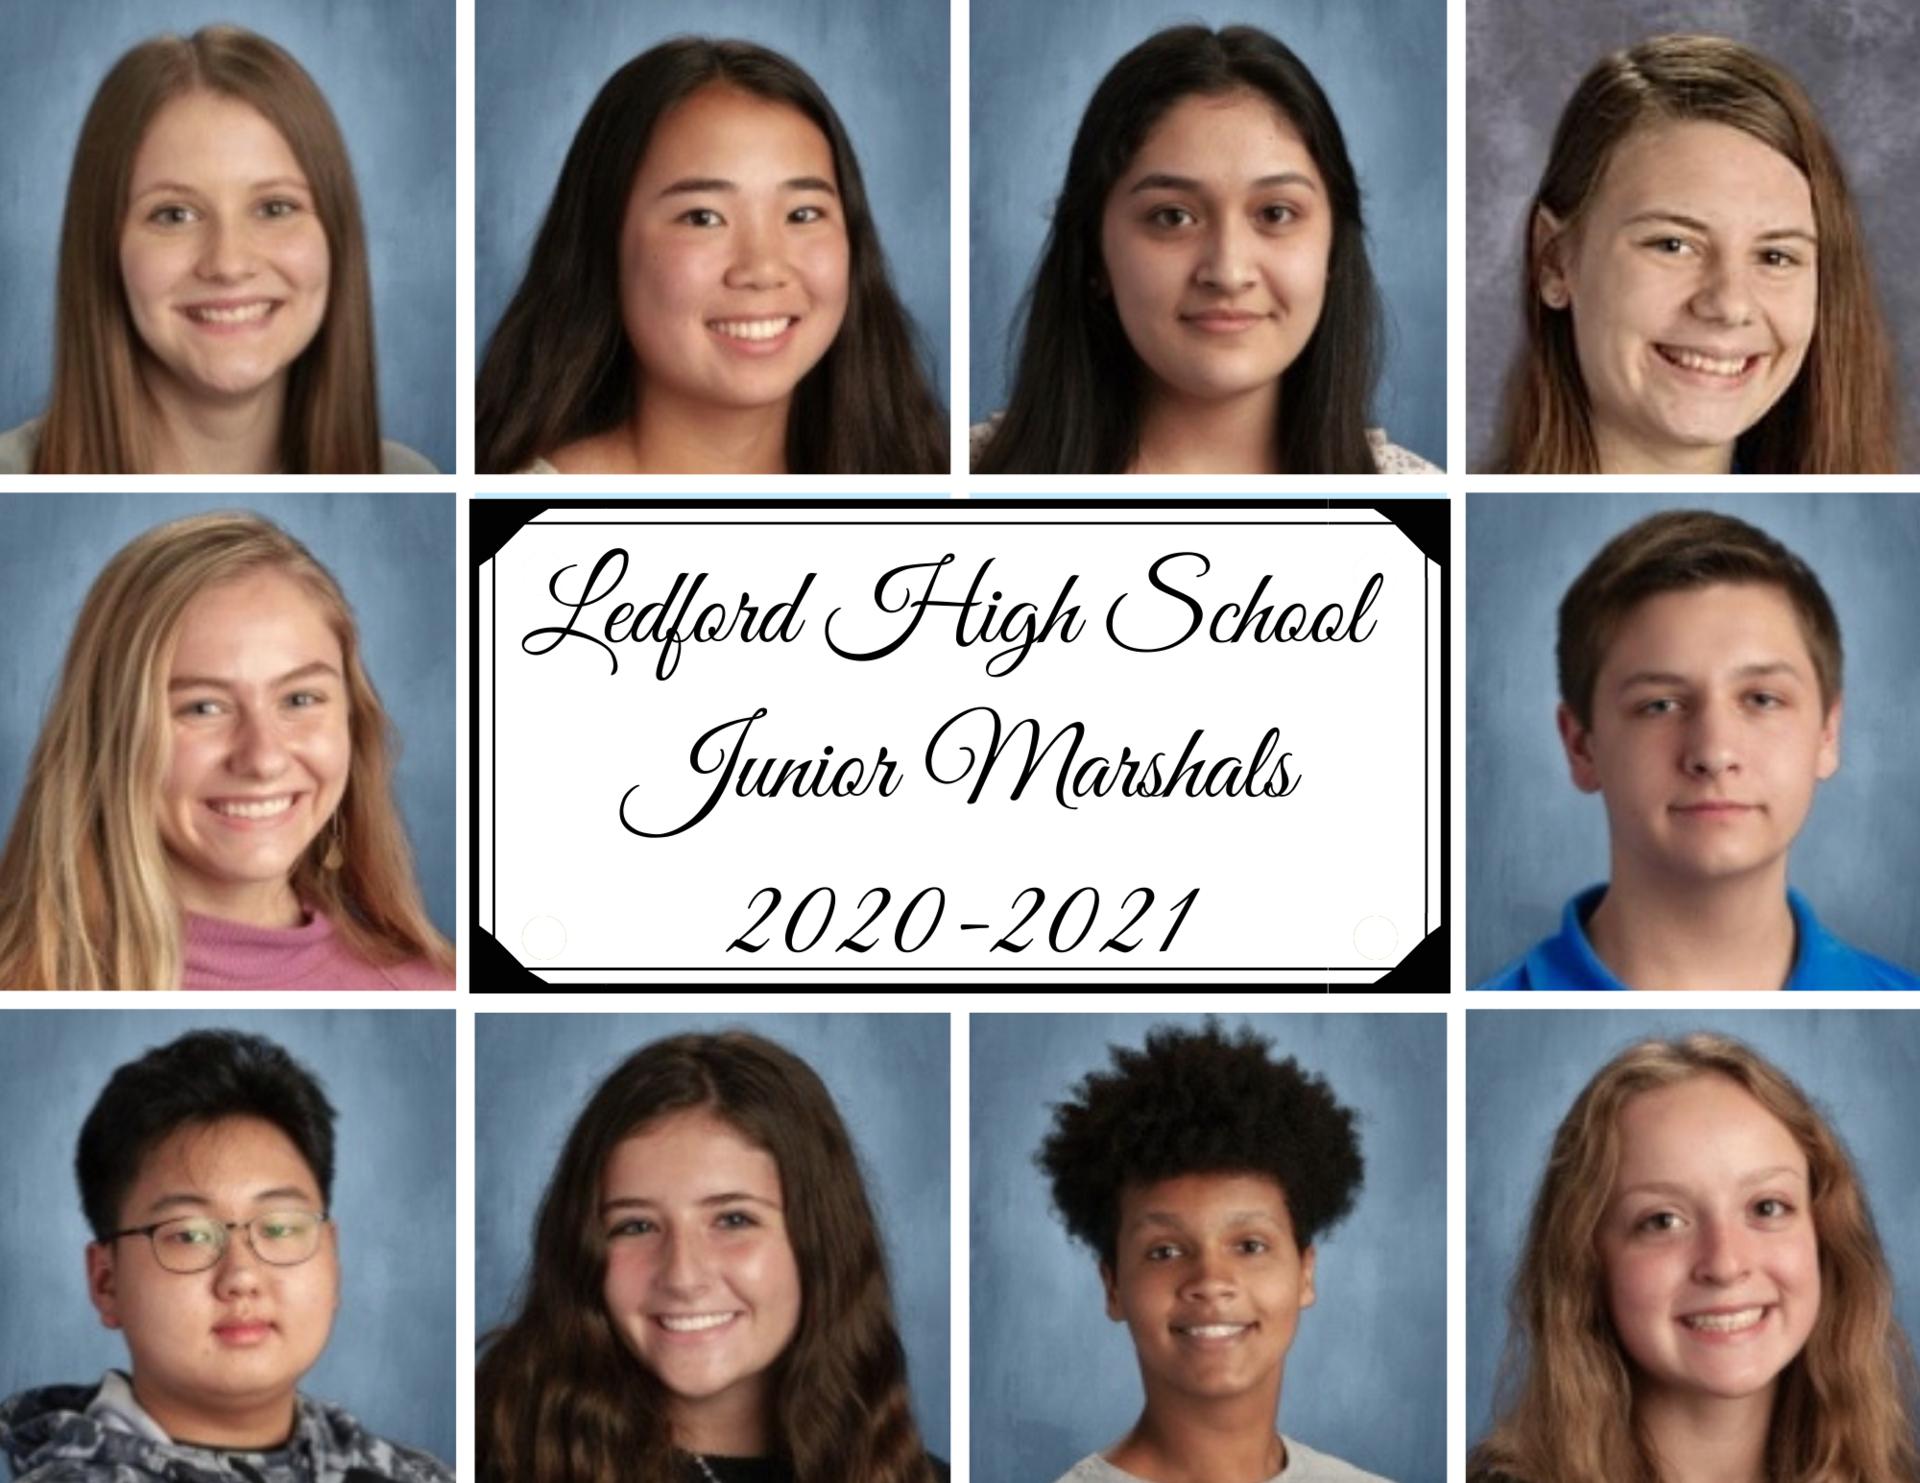 2020-2021 Junior Marshals